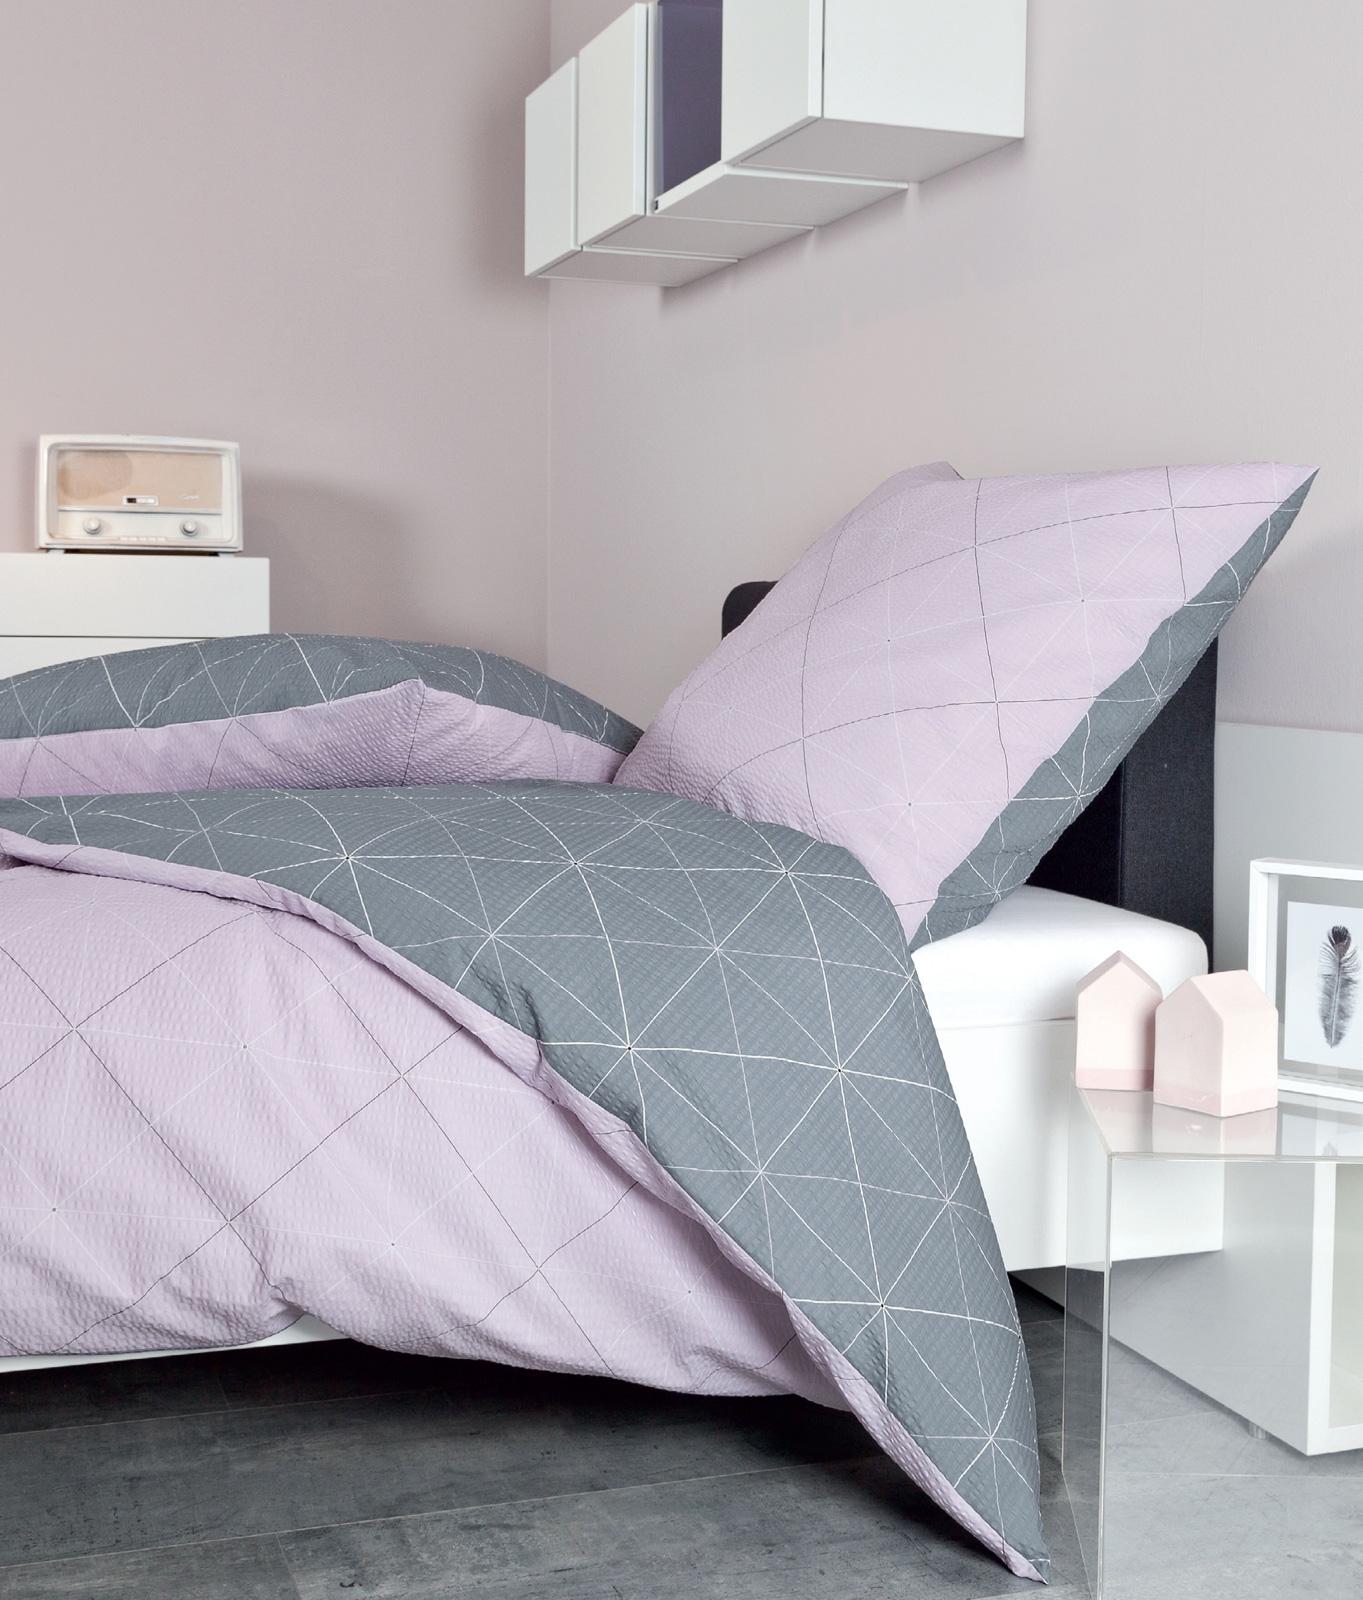 Bettwäsche - Janine Mako Soft Seersucker Bettwäsche Tango 135x200 80x80 20056 rosa silber incl. Aufbewahrungsbeutel  - Onlineshop PremiumShop321